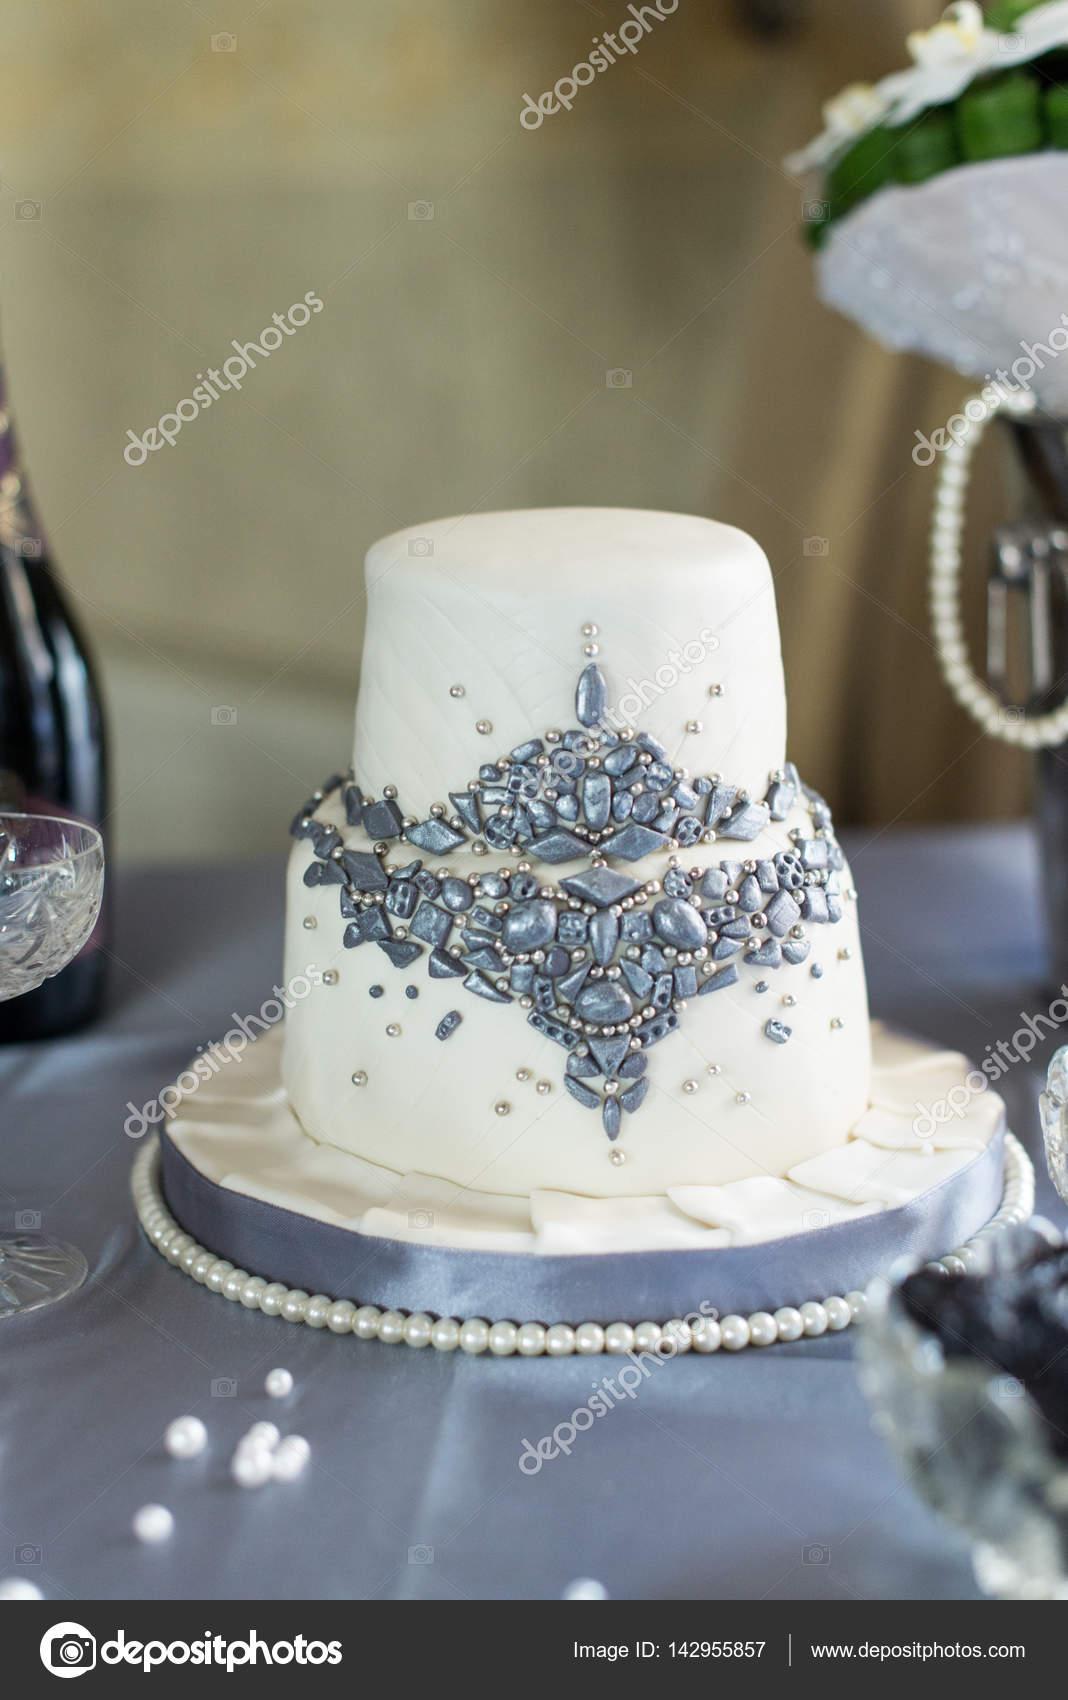 Weisse Zweiklassen Hochzeitstorte Aus Der Mastix Mit Perlen Dekor